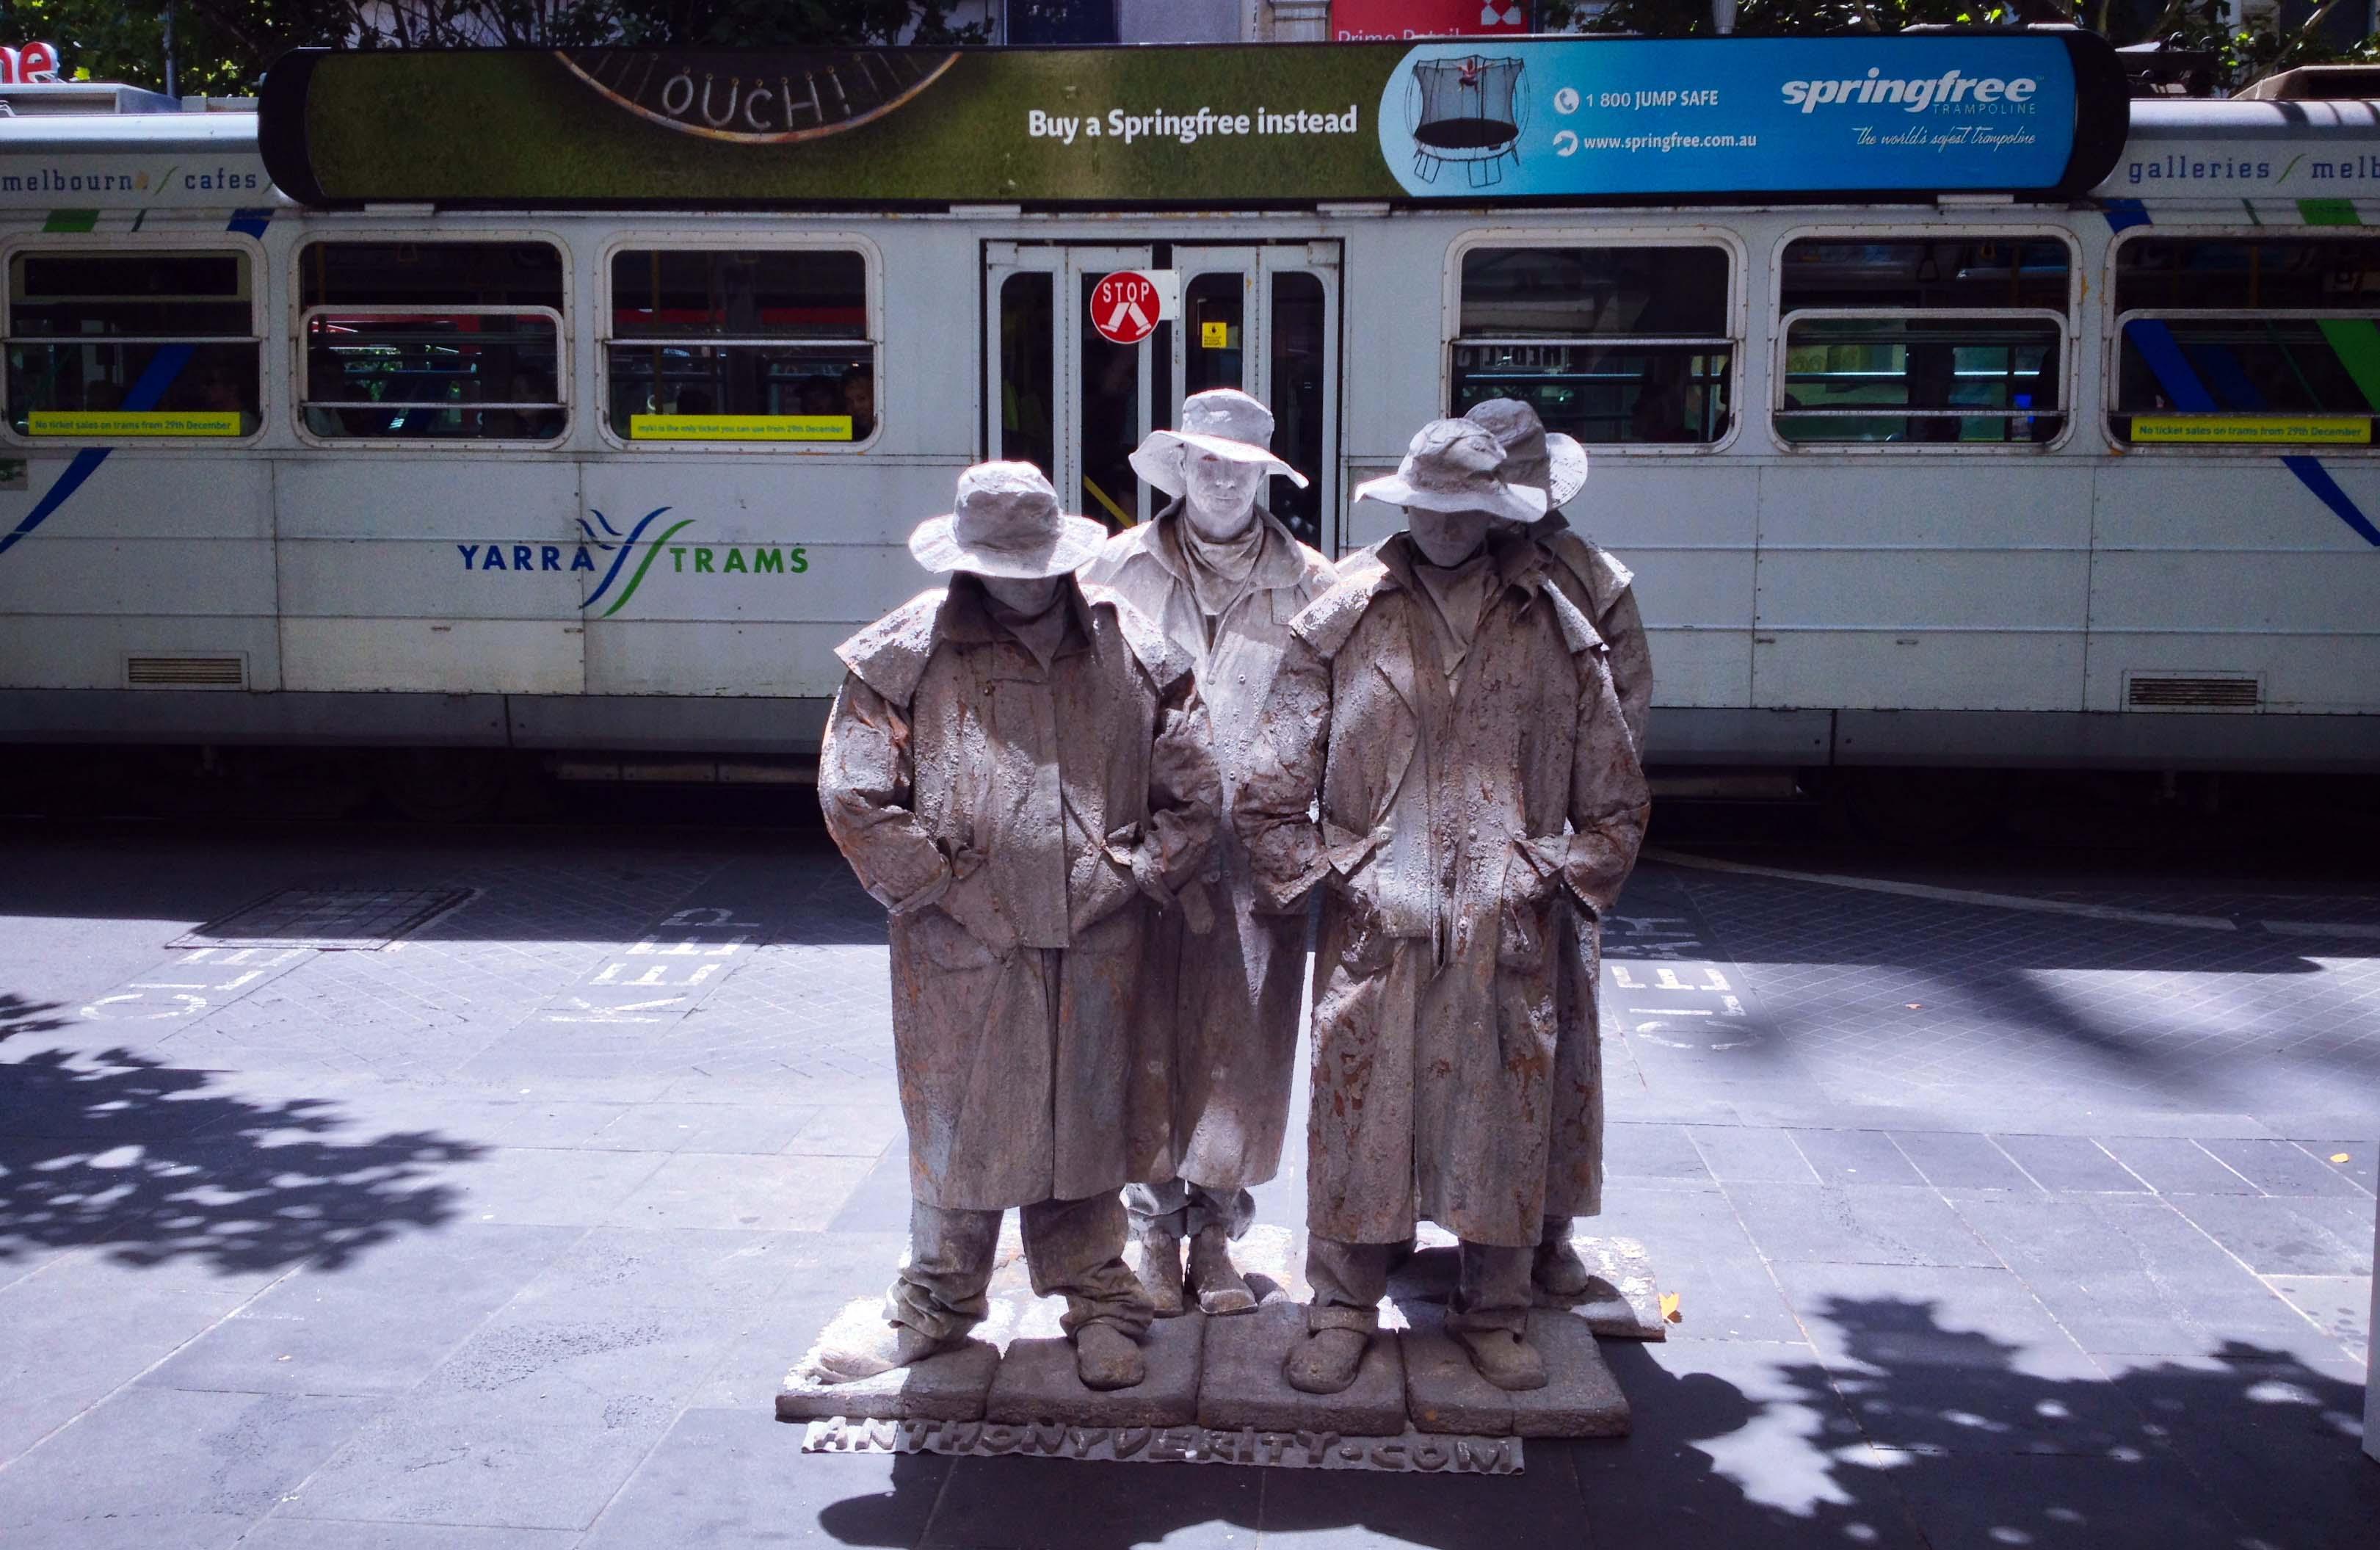 Bốn người tượng đứng trước trạm tàu điện (tram) trong một trưa hè tràn nắng trên khu phố mua sắm Bourke Street Mall. Họ đứng bất động hàng giờ, mỗi tư thế thay đổi đều giữ rất lâu.